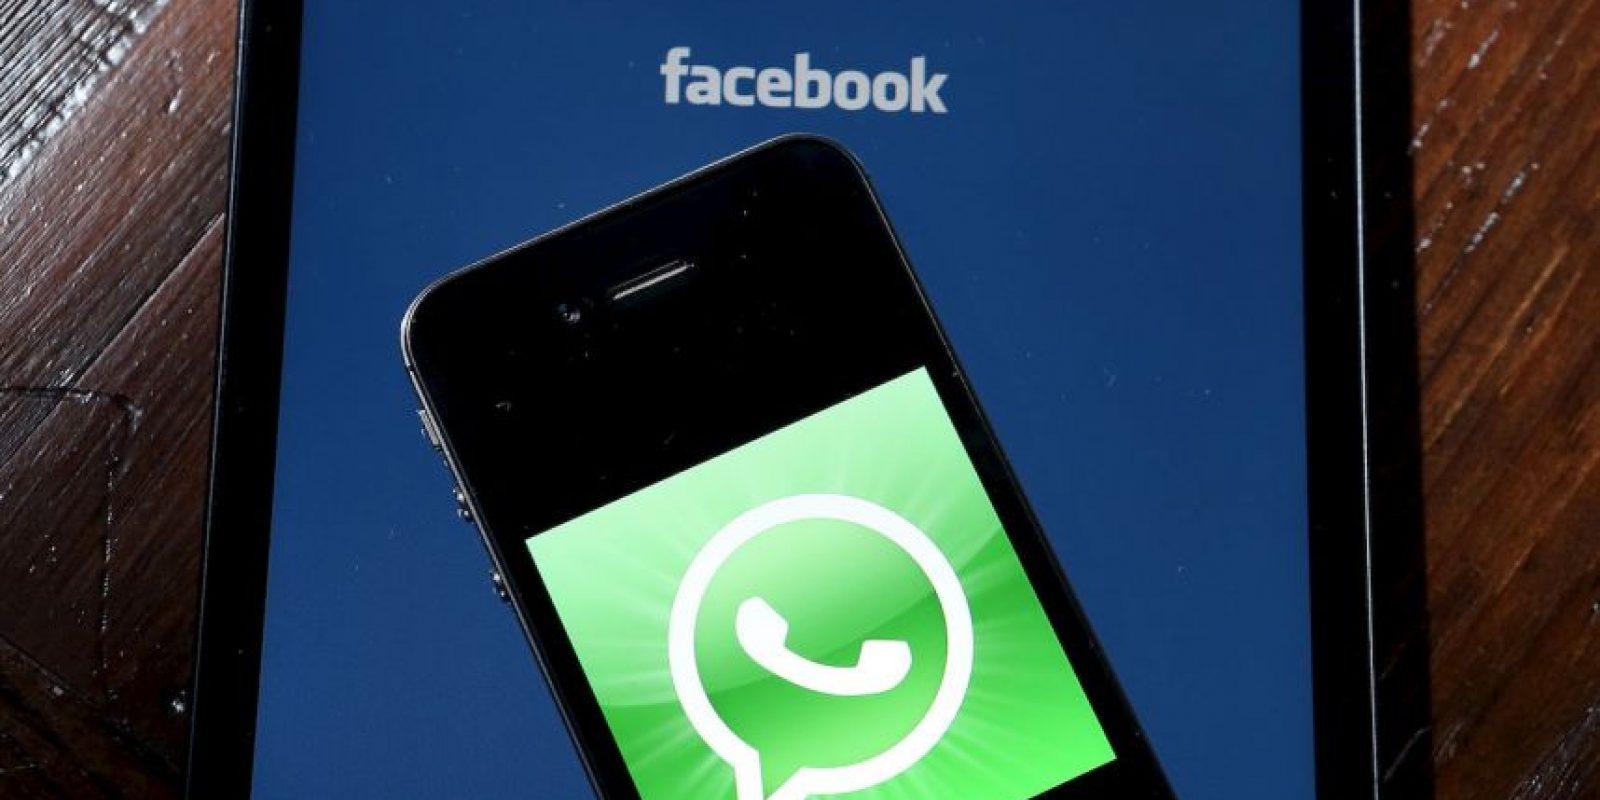 Se revelan los planes que Facebook tiene para WhatsApp. A continuación les presentamos los últimos cambios de la popular app de mansajería Foto:Getty Images